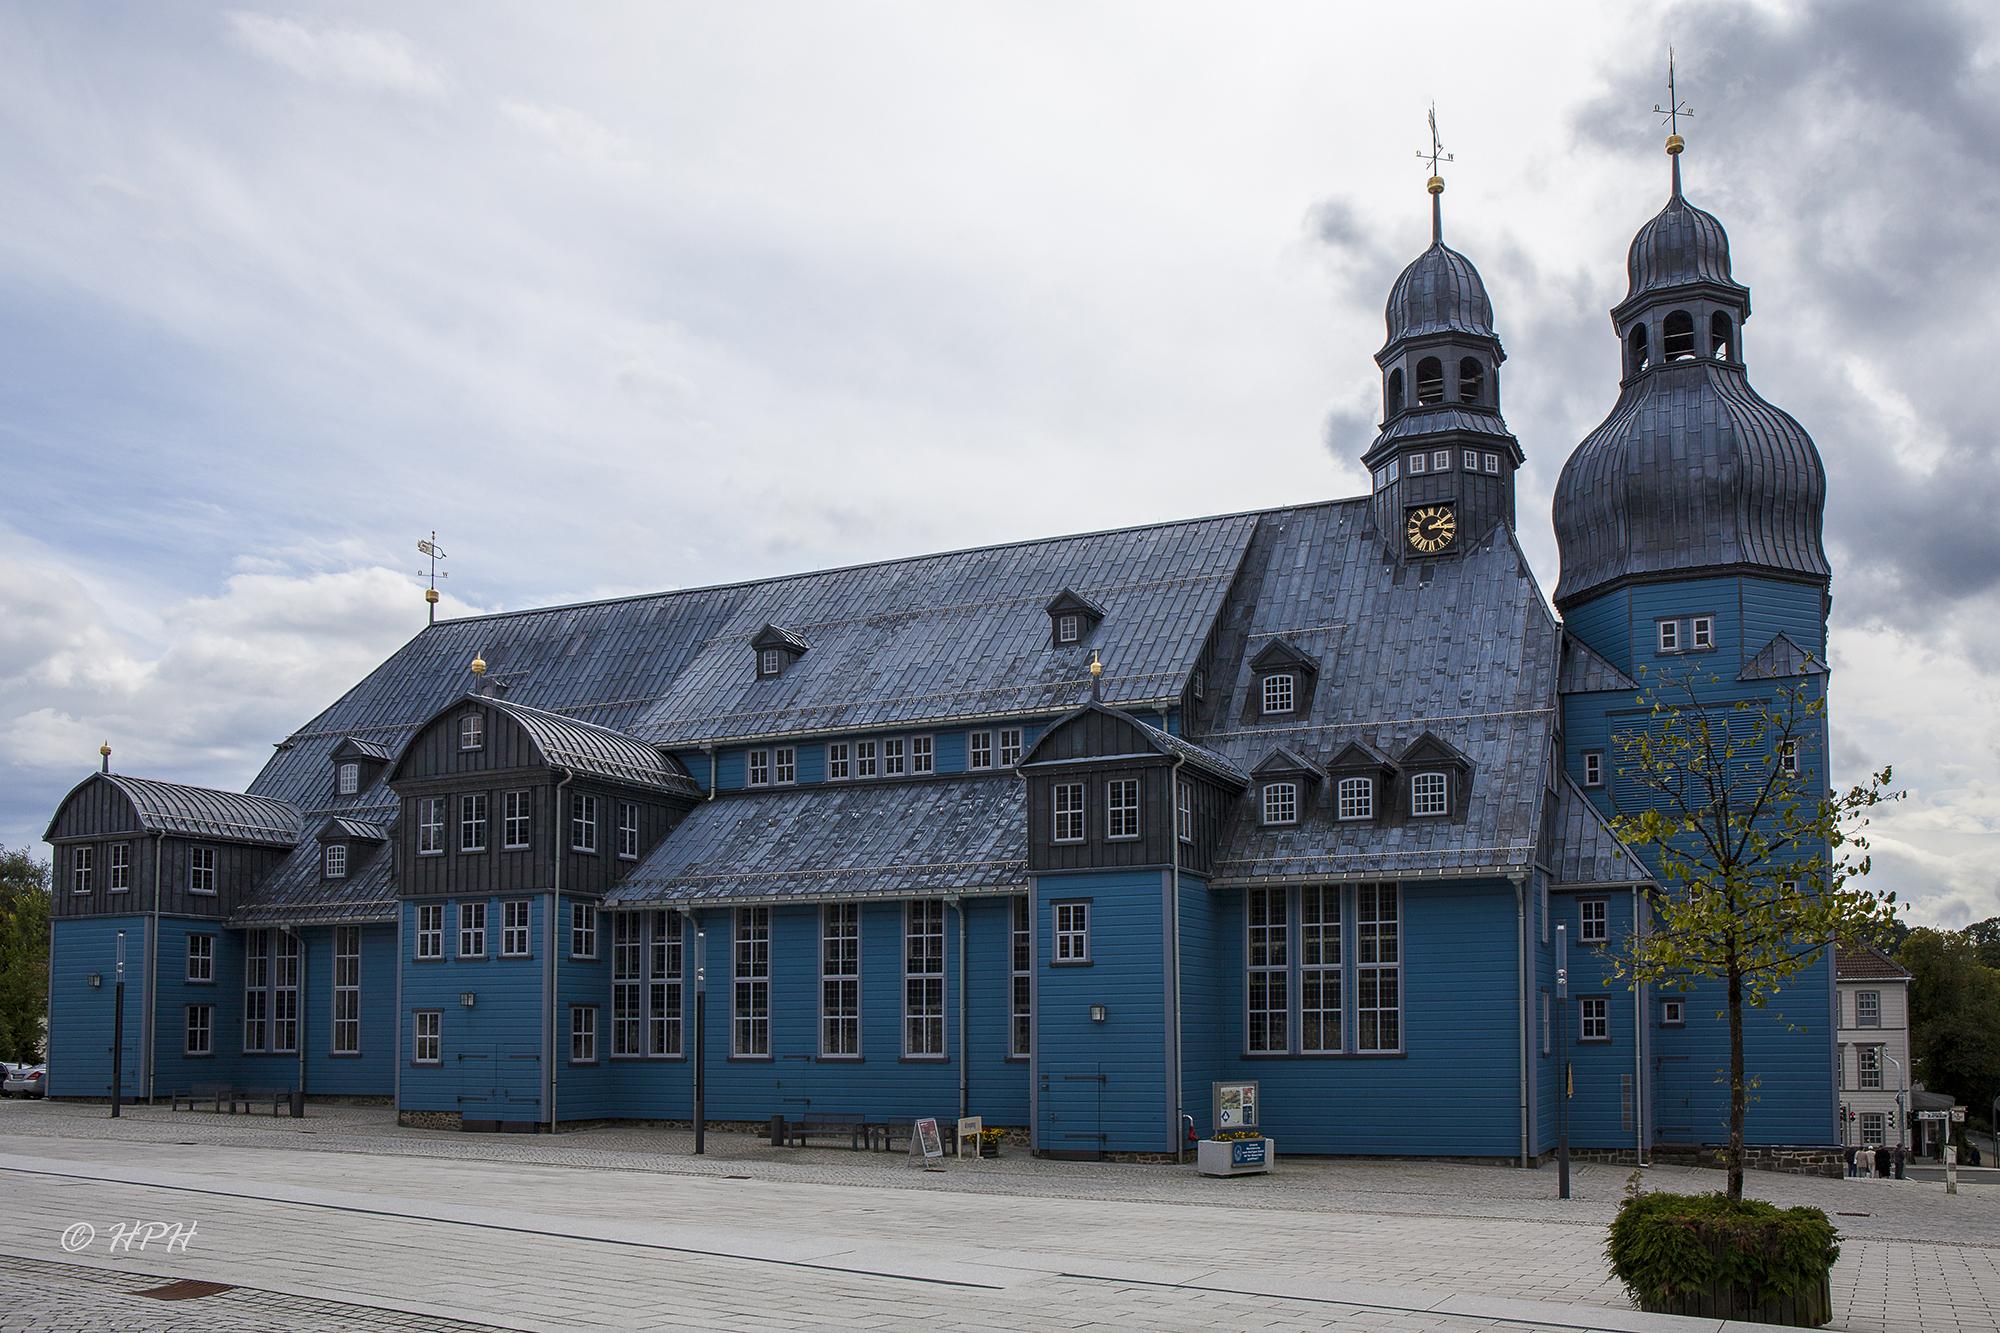 Marktkirche zum Heiligen Geist, Clausthal, Germany